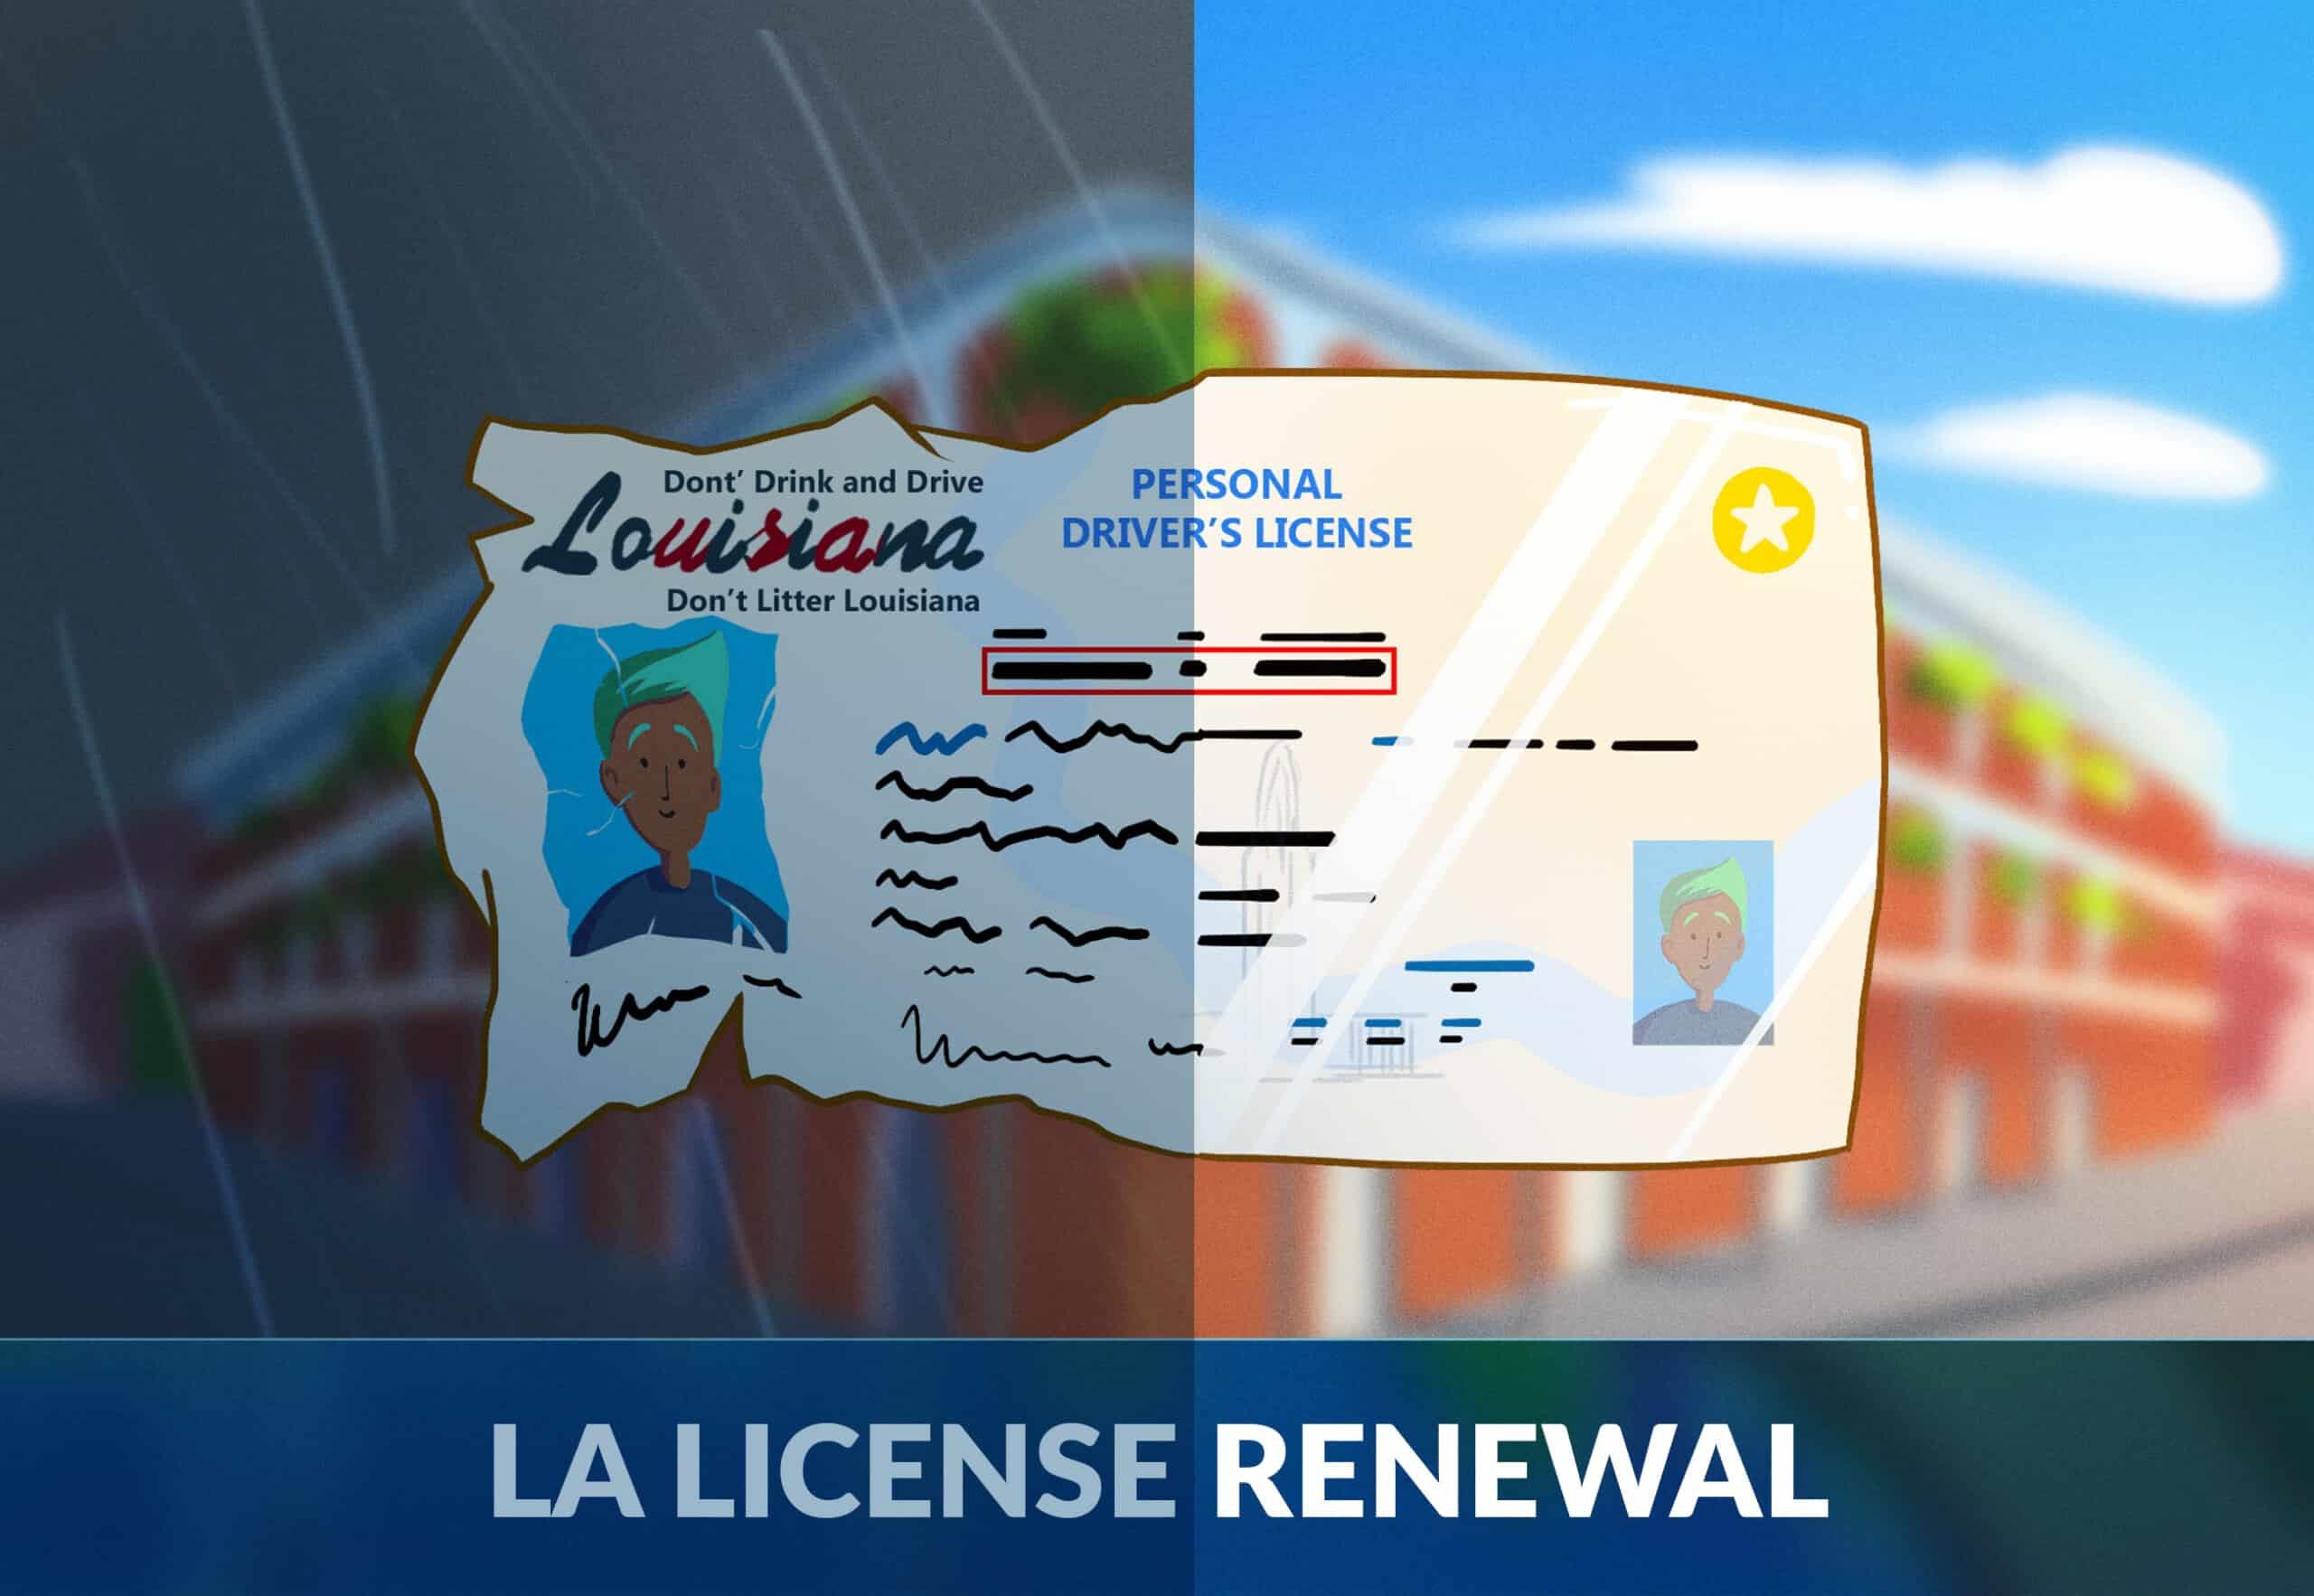 Louisiana driver's license renewal